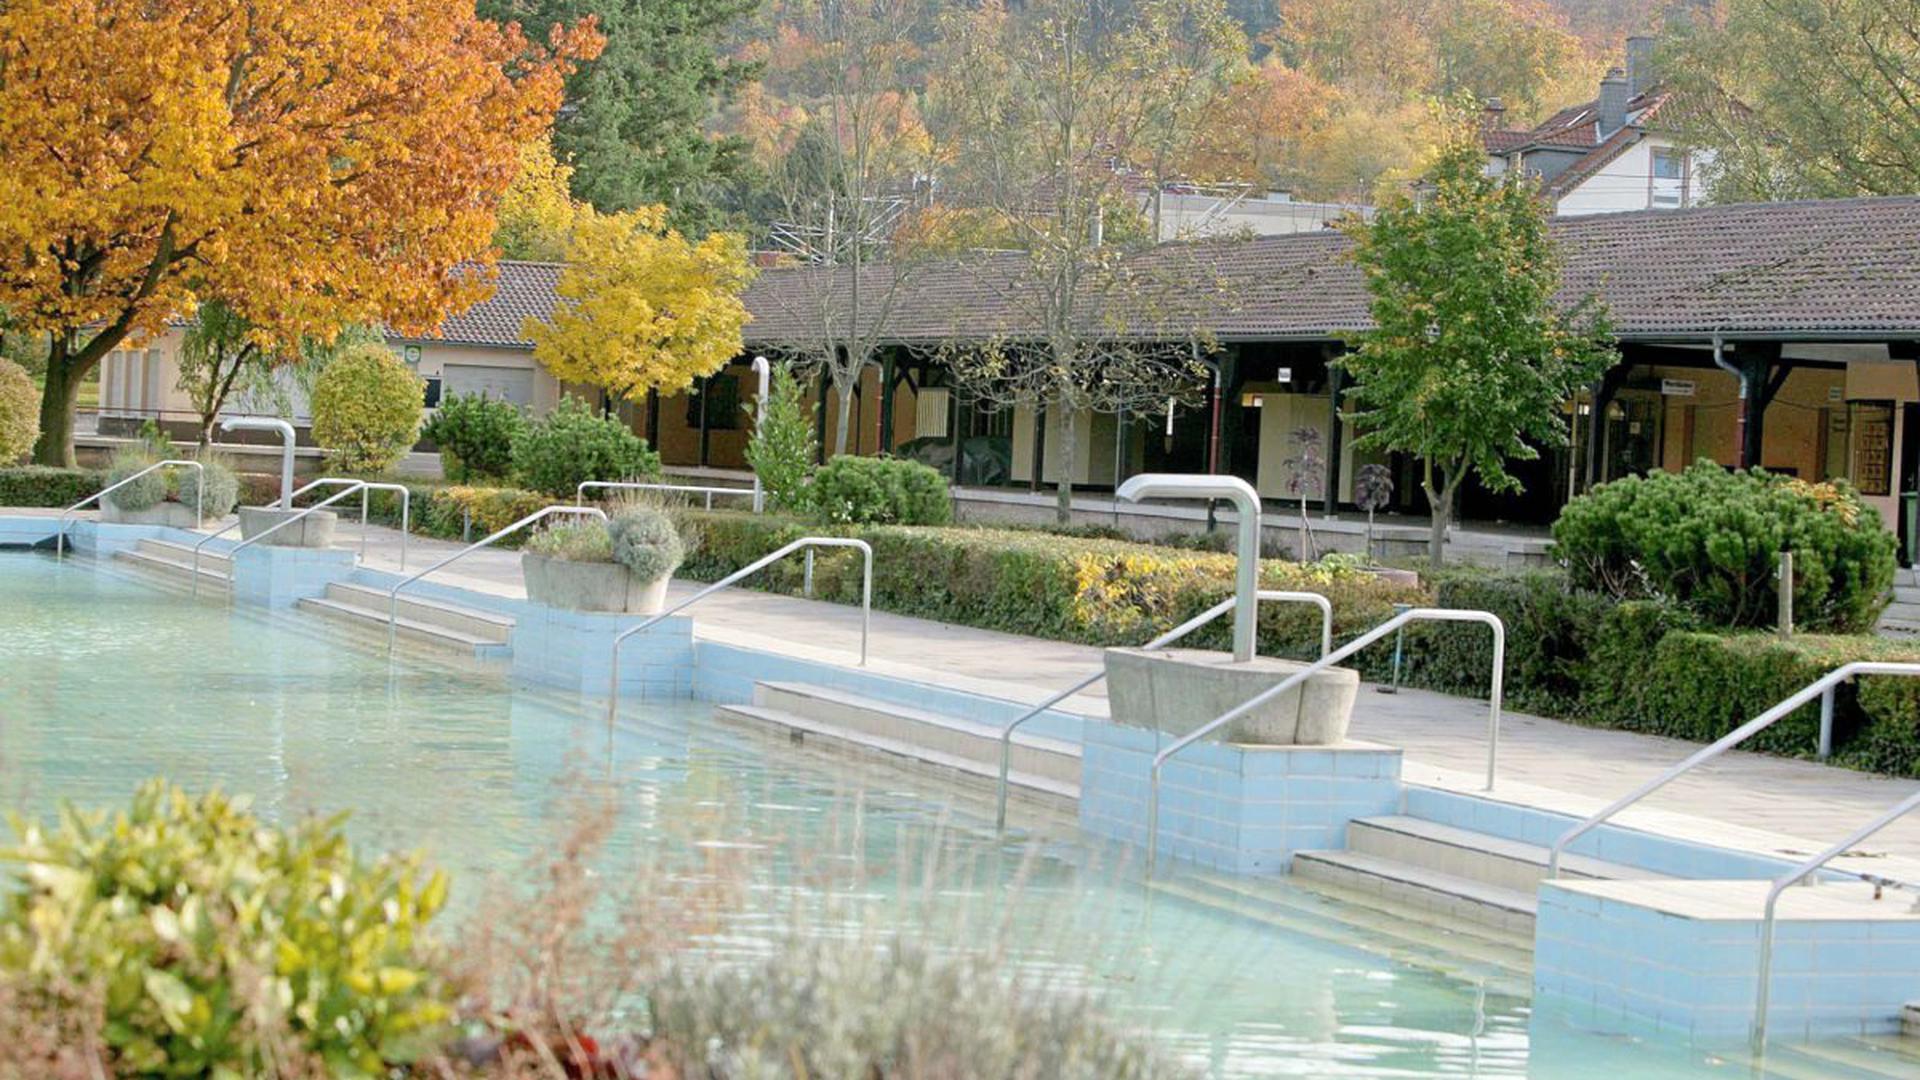 Das Albgau-Freibad mit rund 1900 m² Wasserfläche wurde 2008 neu eröffnet und präsentiert sich als das Highlight der Ettlinger Bäderlandschaft. Hier ein Archivbild aus 2005.